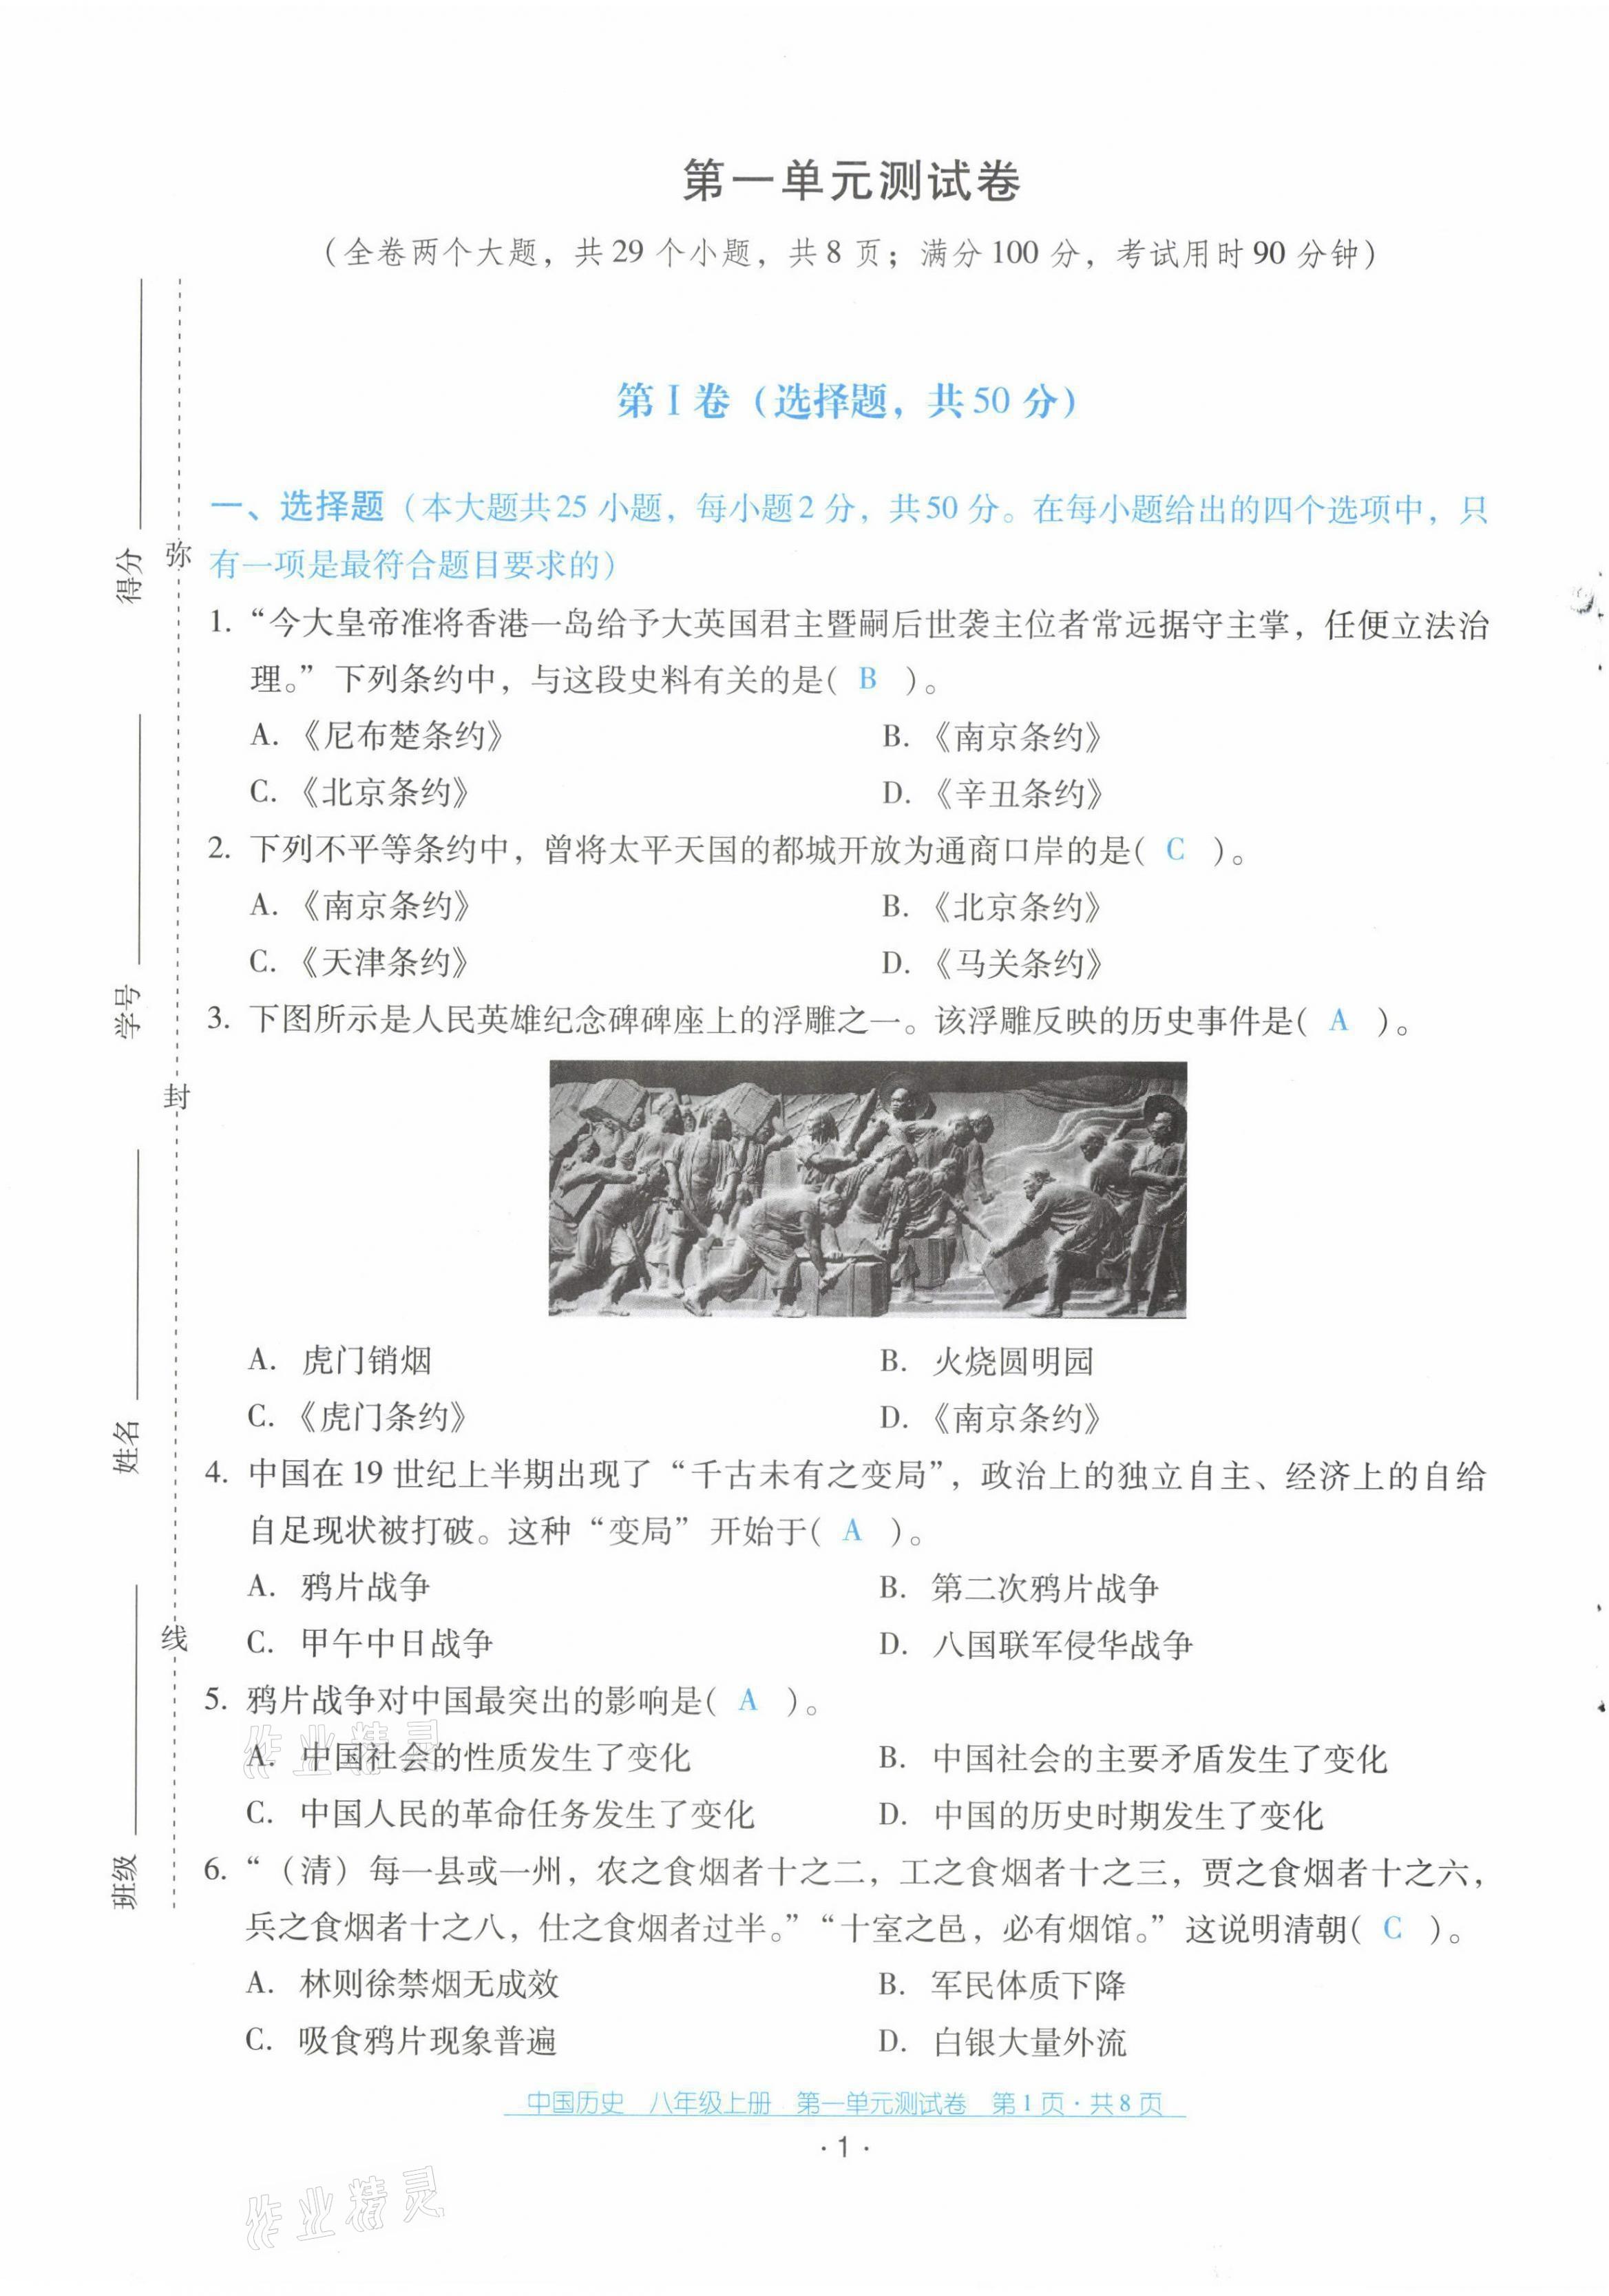 2021年云南省标准教辅优佳学案配套测试卷八年级历史上册人教版第1页